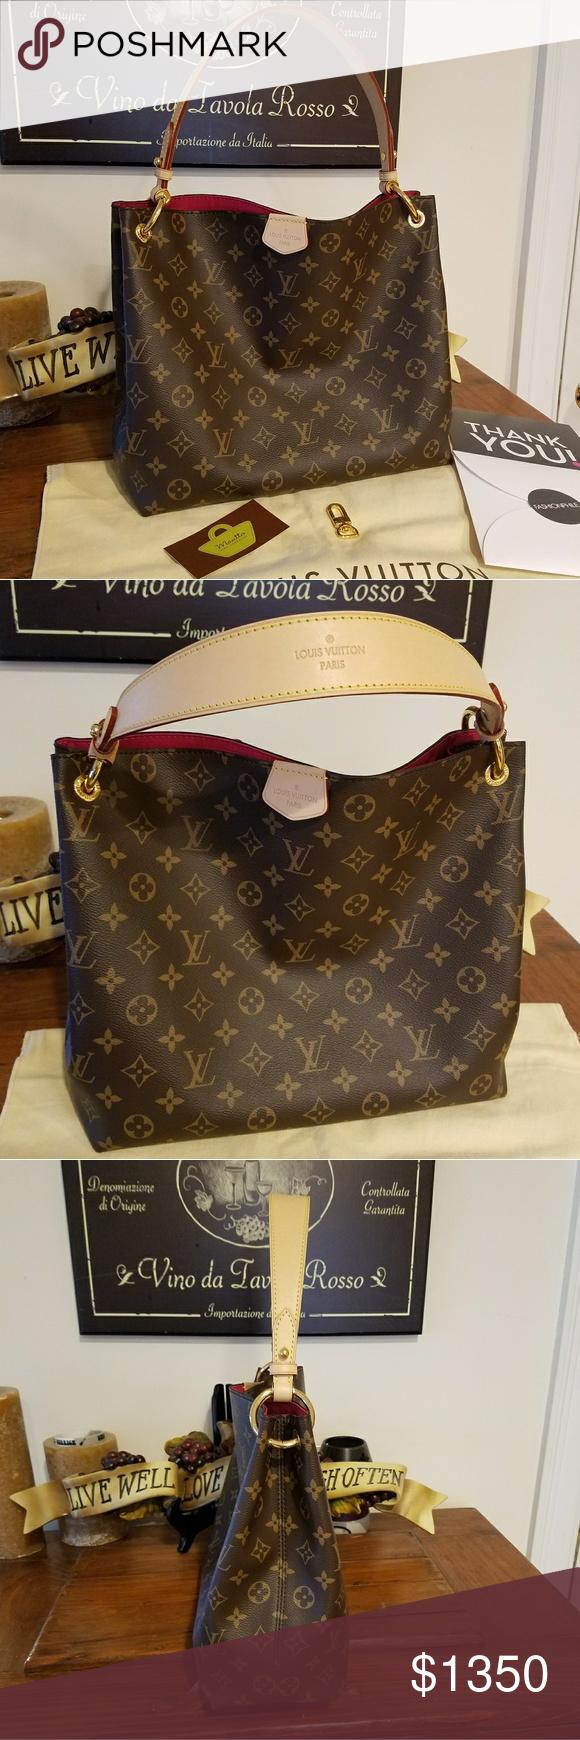 Authentic Louis Vuitton Graceful Pm My Posh Picks Pinterest